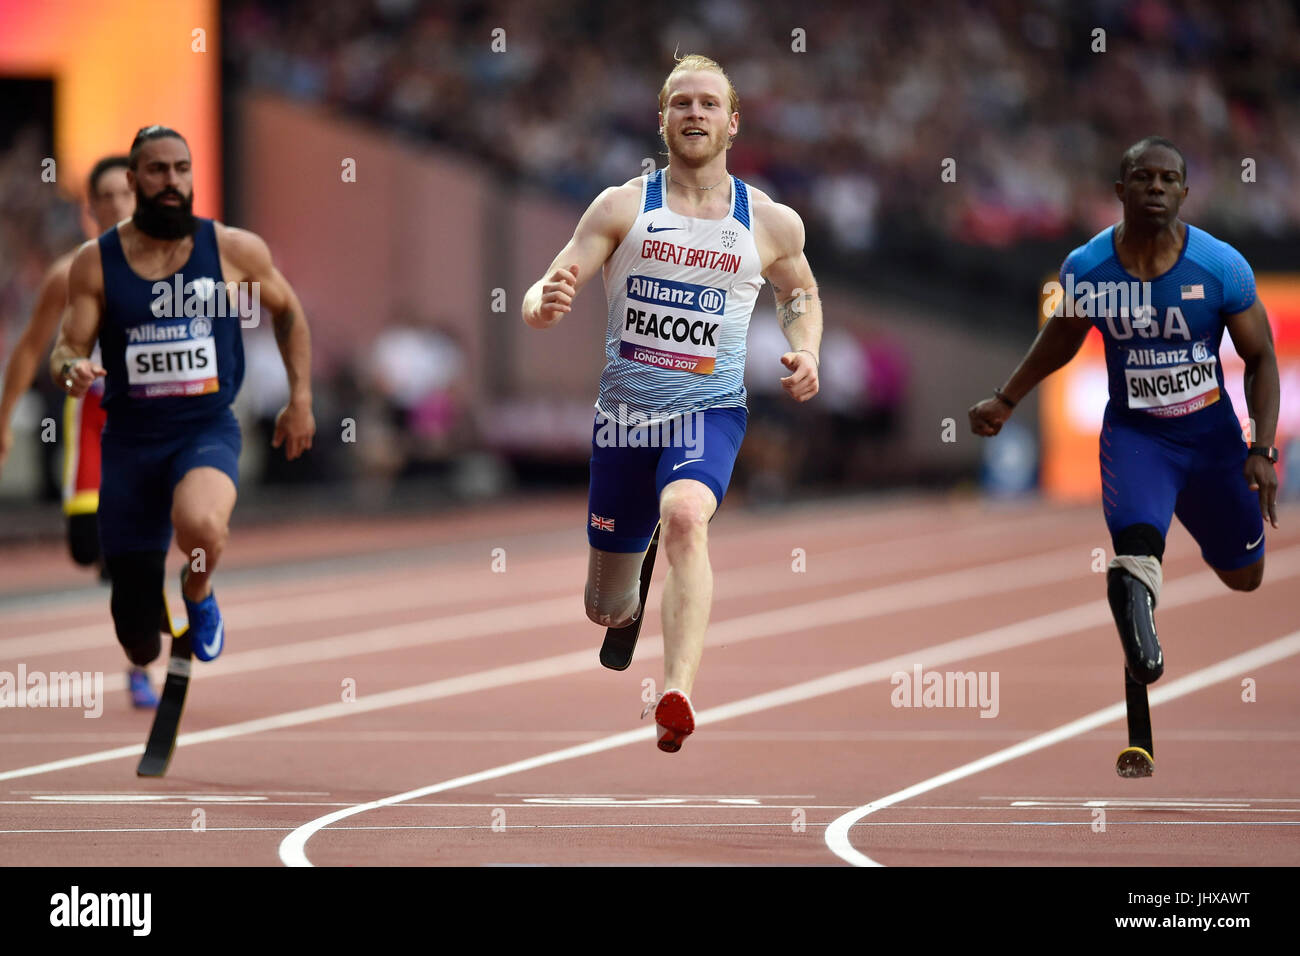 Londra, Regno Unito. 16 Luglio, 2017. Jonnie Peacock in uomini 100M T44 durante il mondo Para Atletica Londra 2017 Immagini Stock